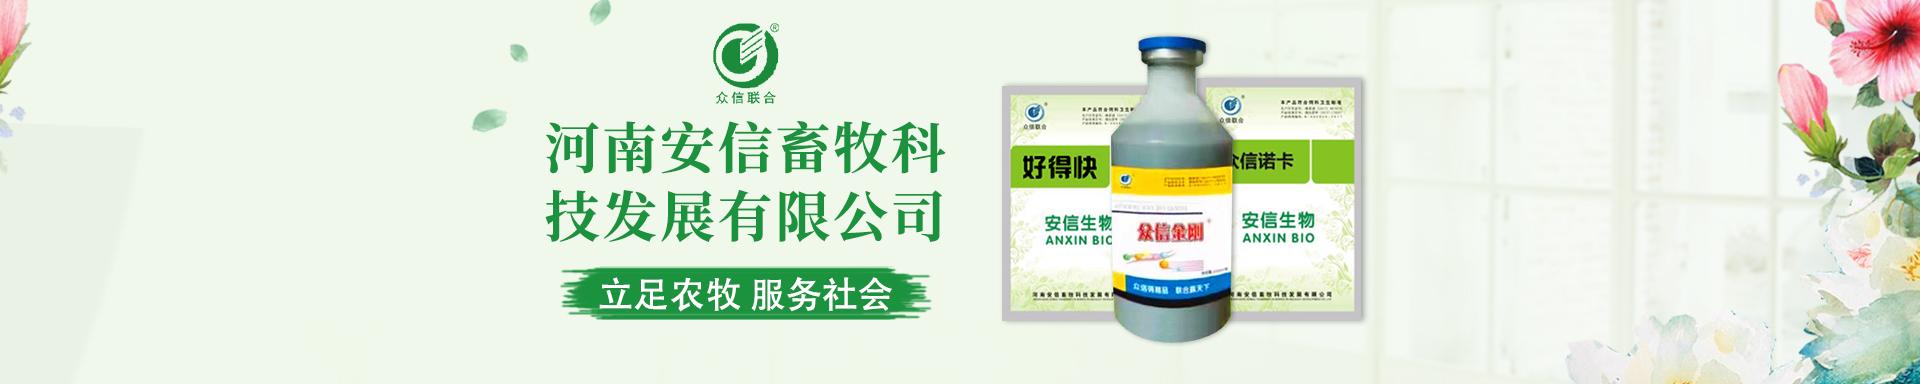 河南安信畜牧科技发展有限公司